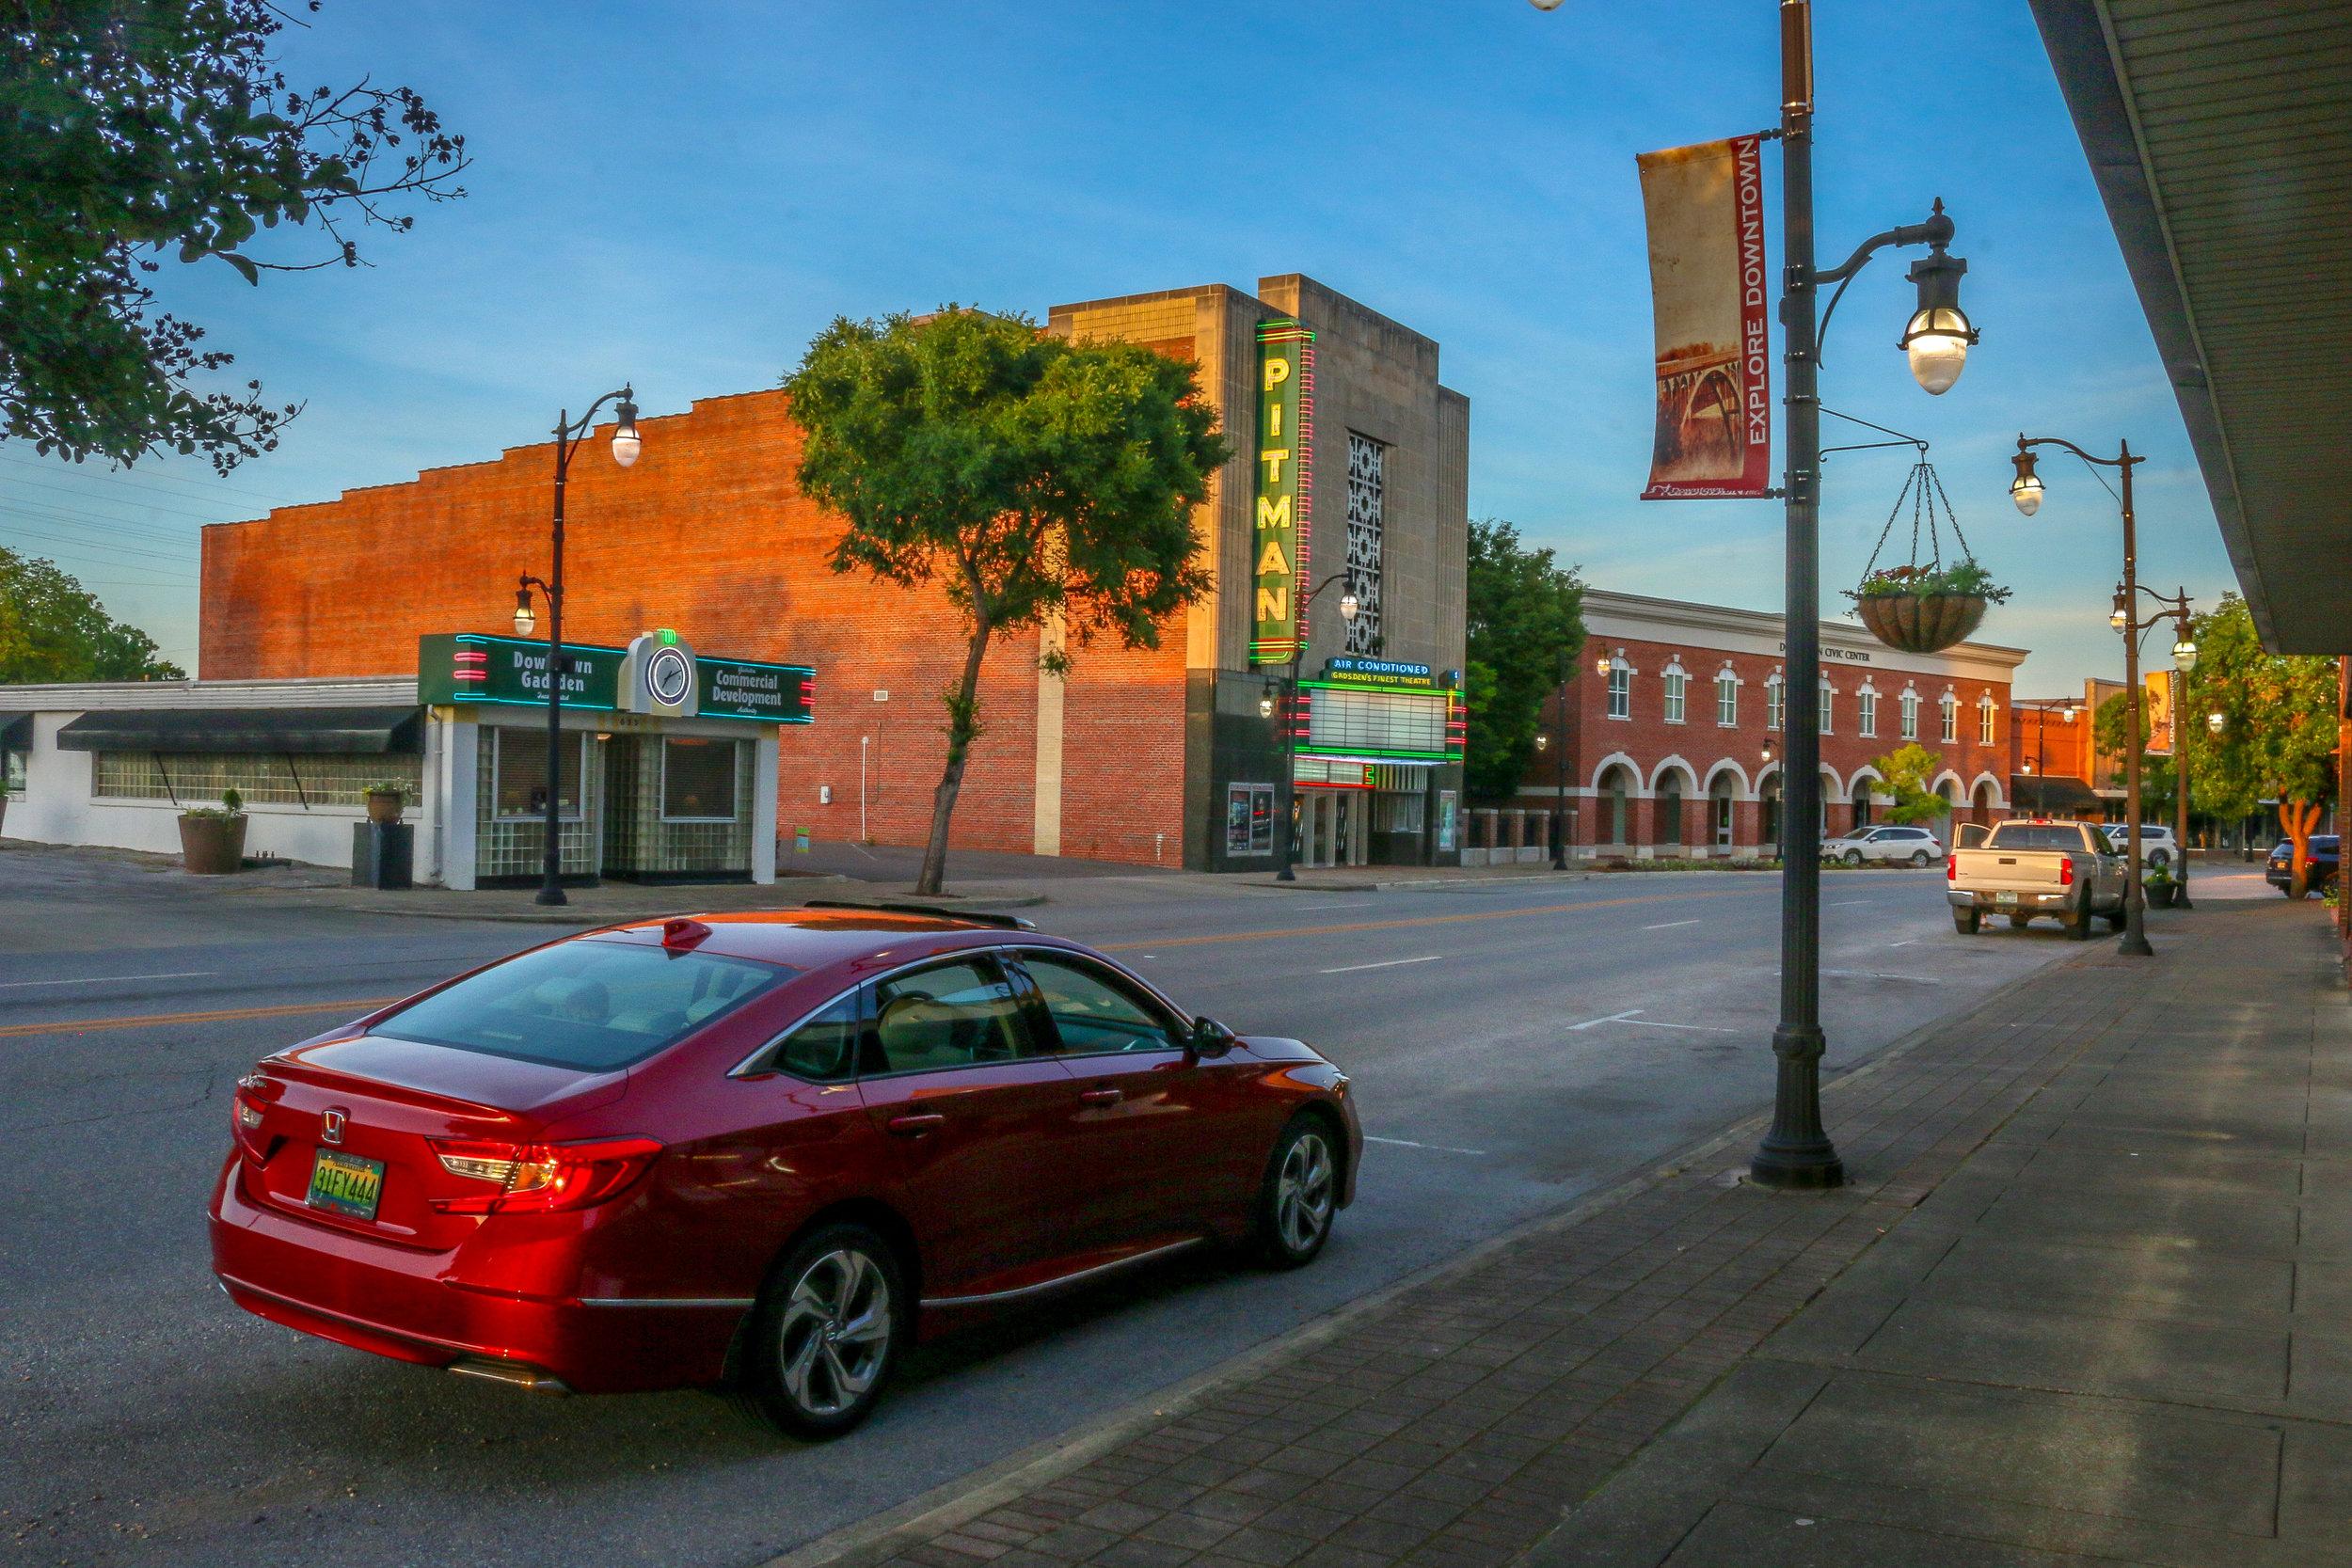 Downtown Gadsden